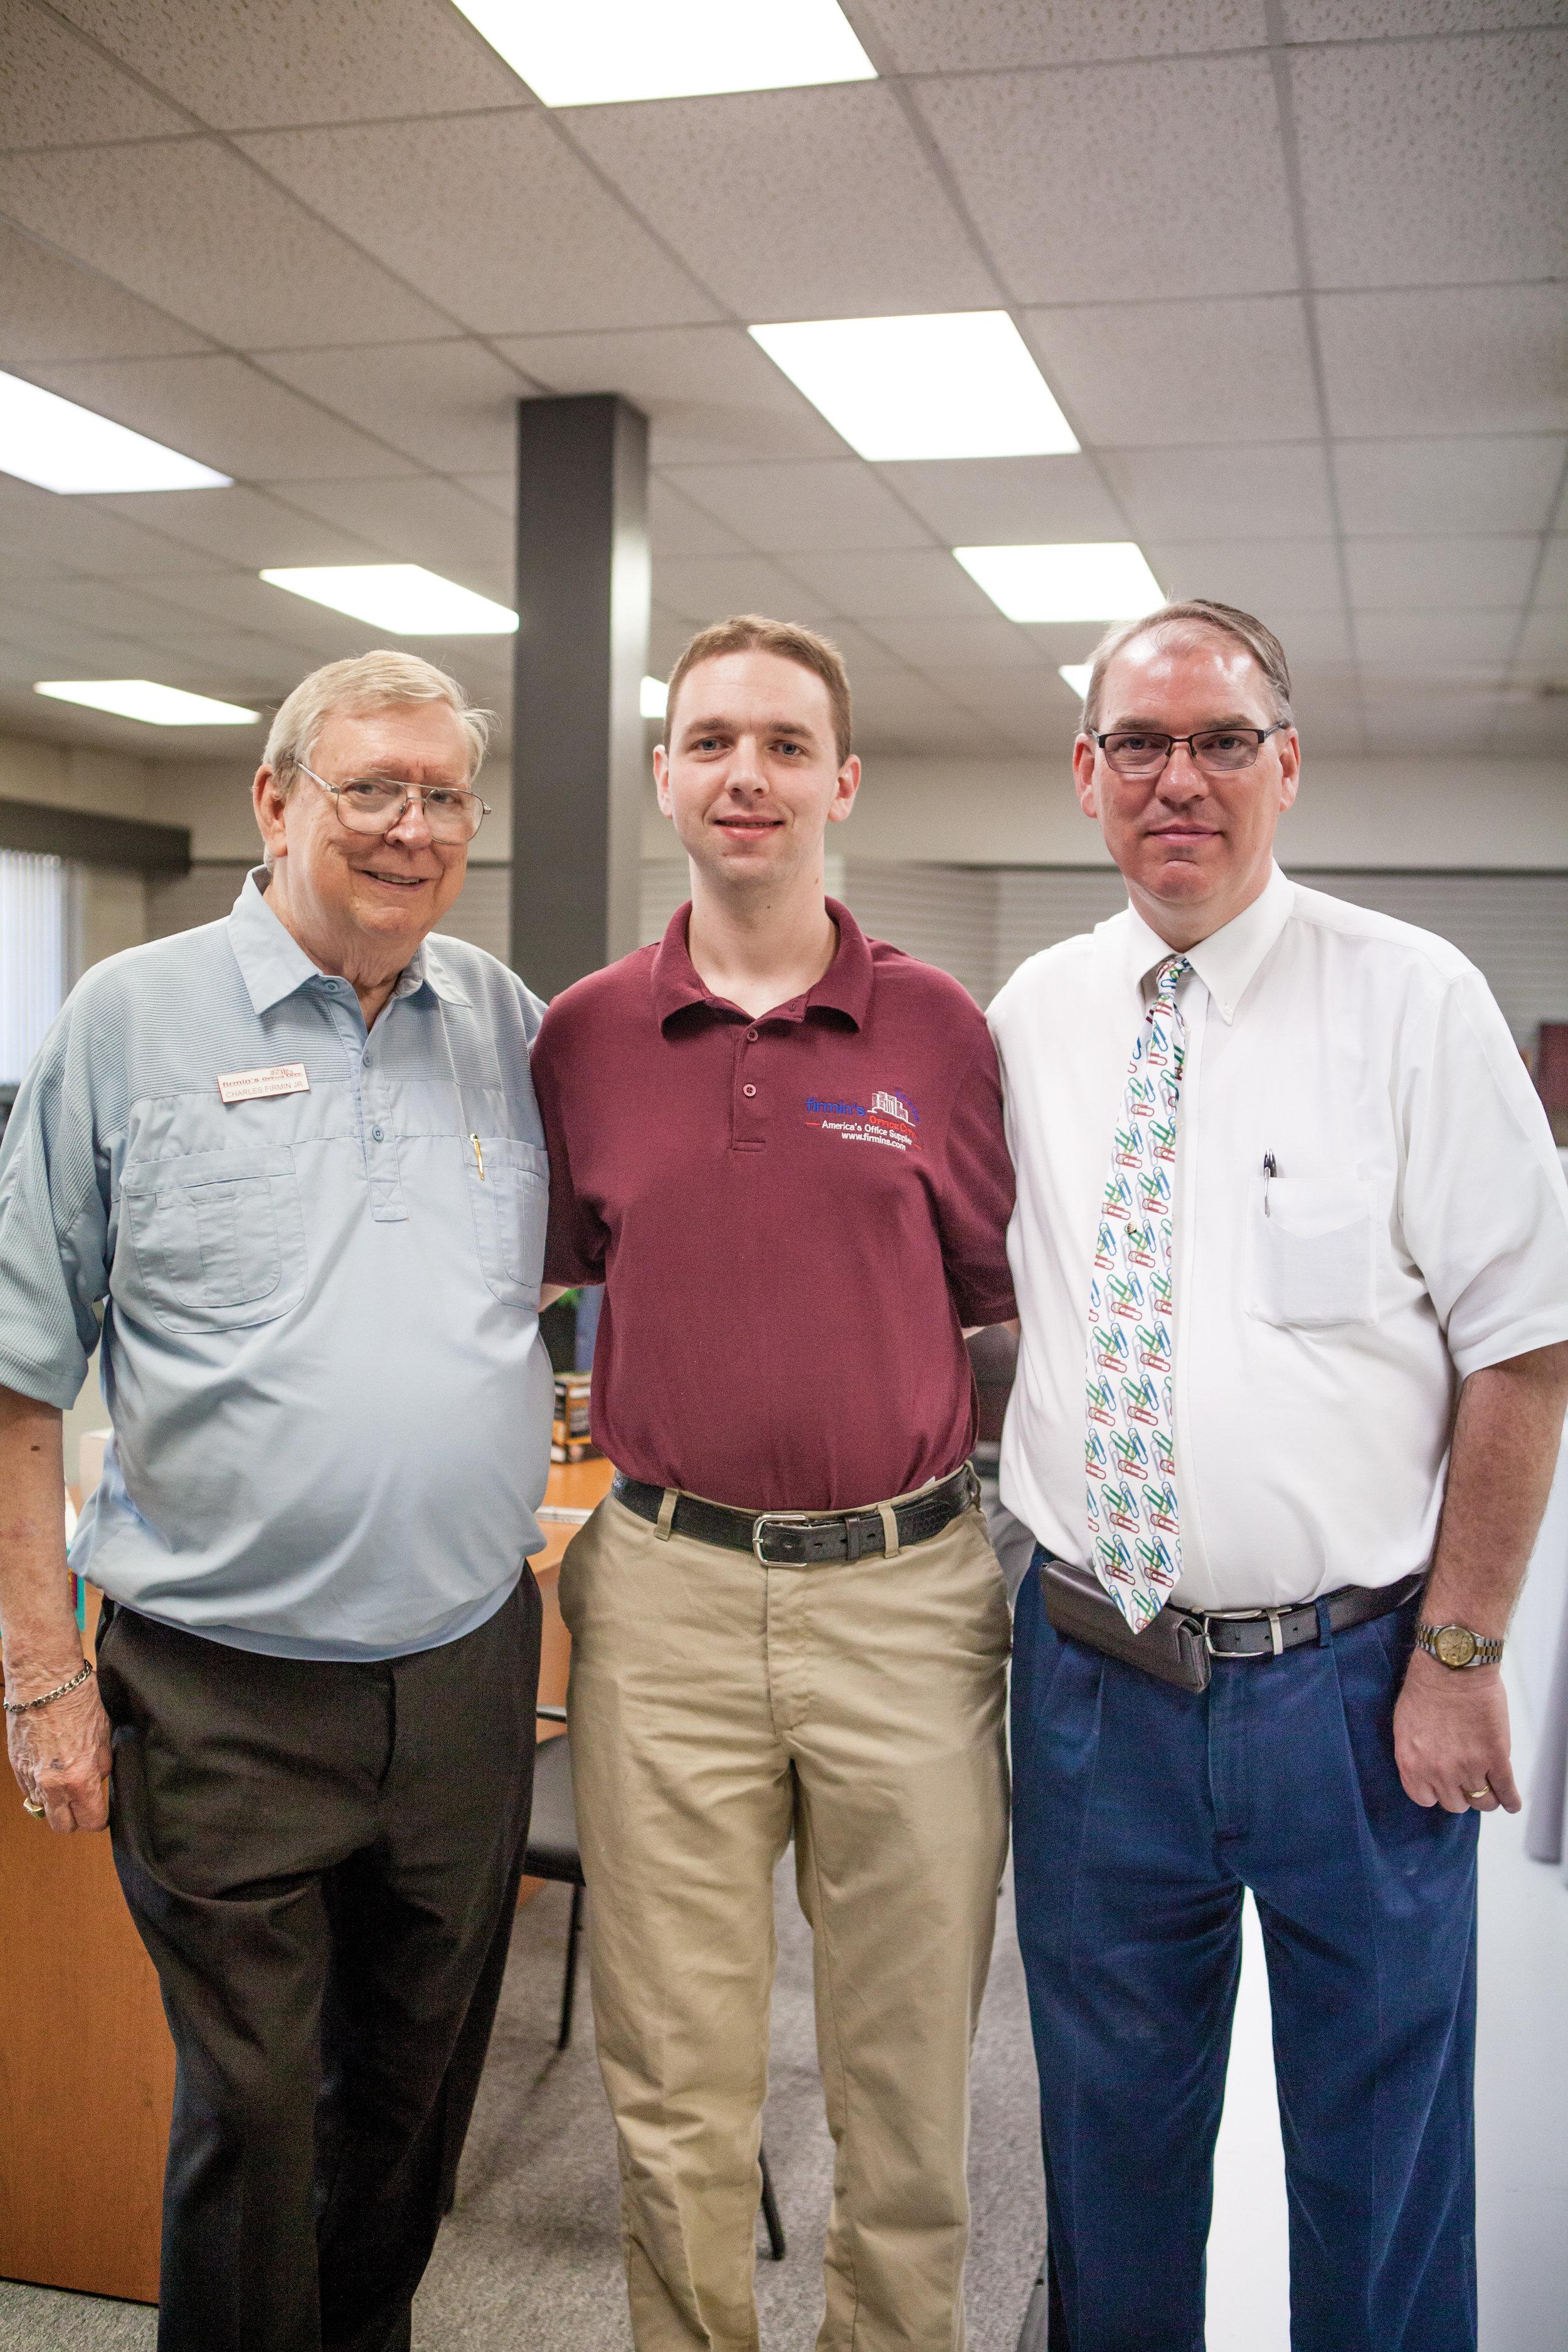 Charles Firmin, Jr., Steven Firmin and Chuck Firmin